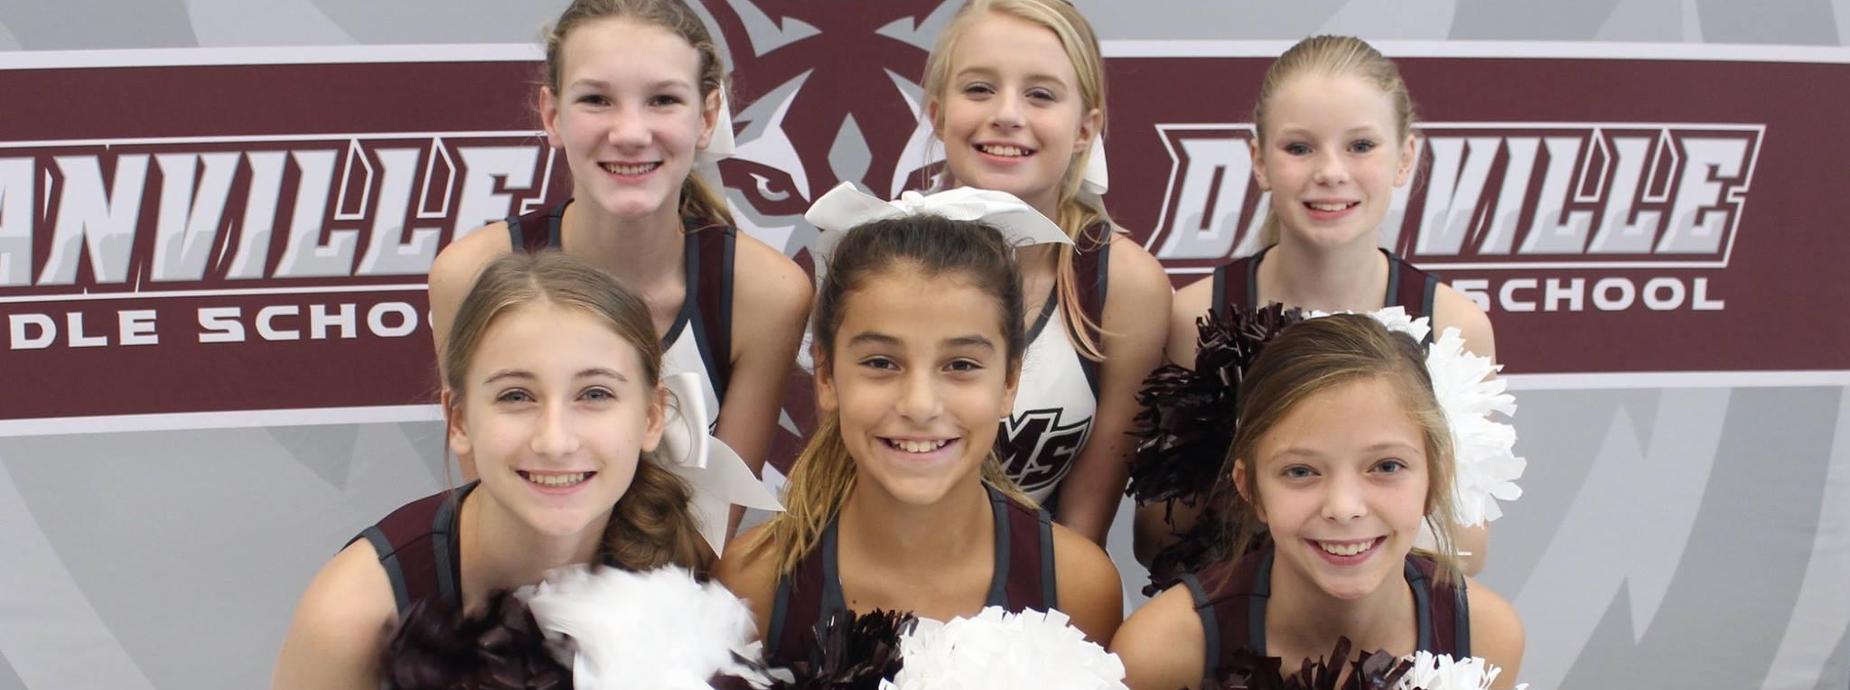 DMS Cheerleaders